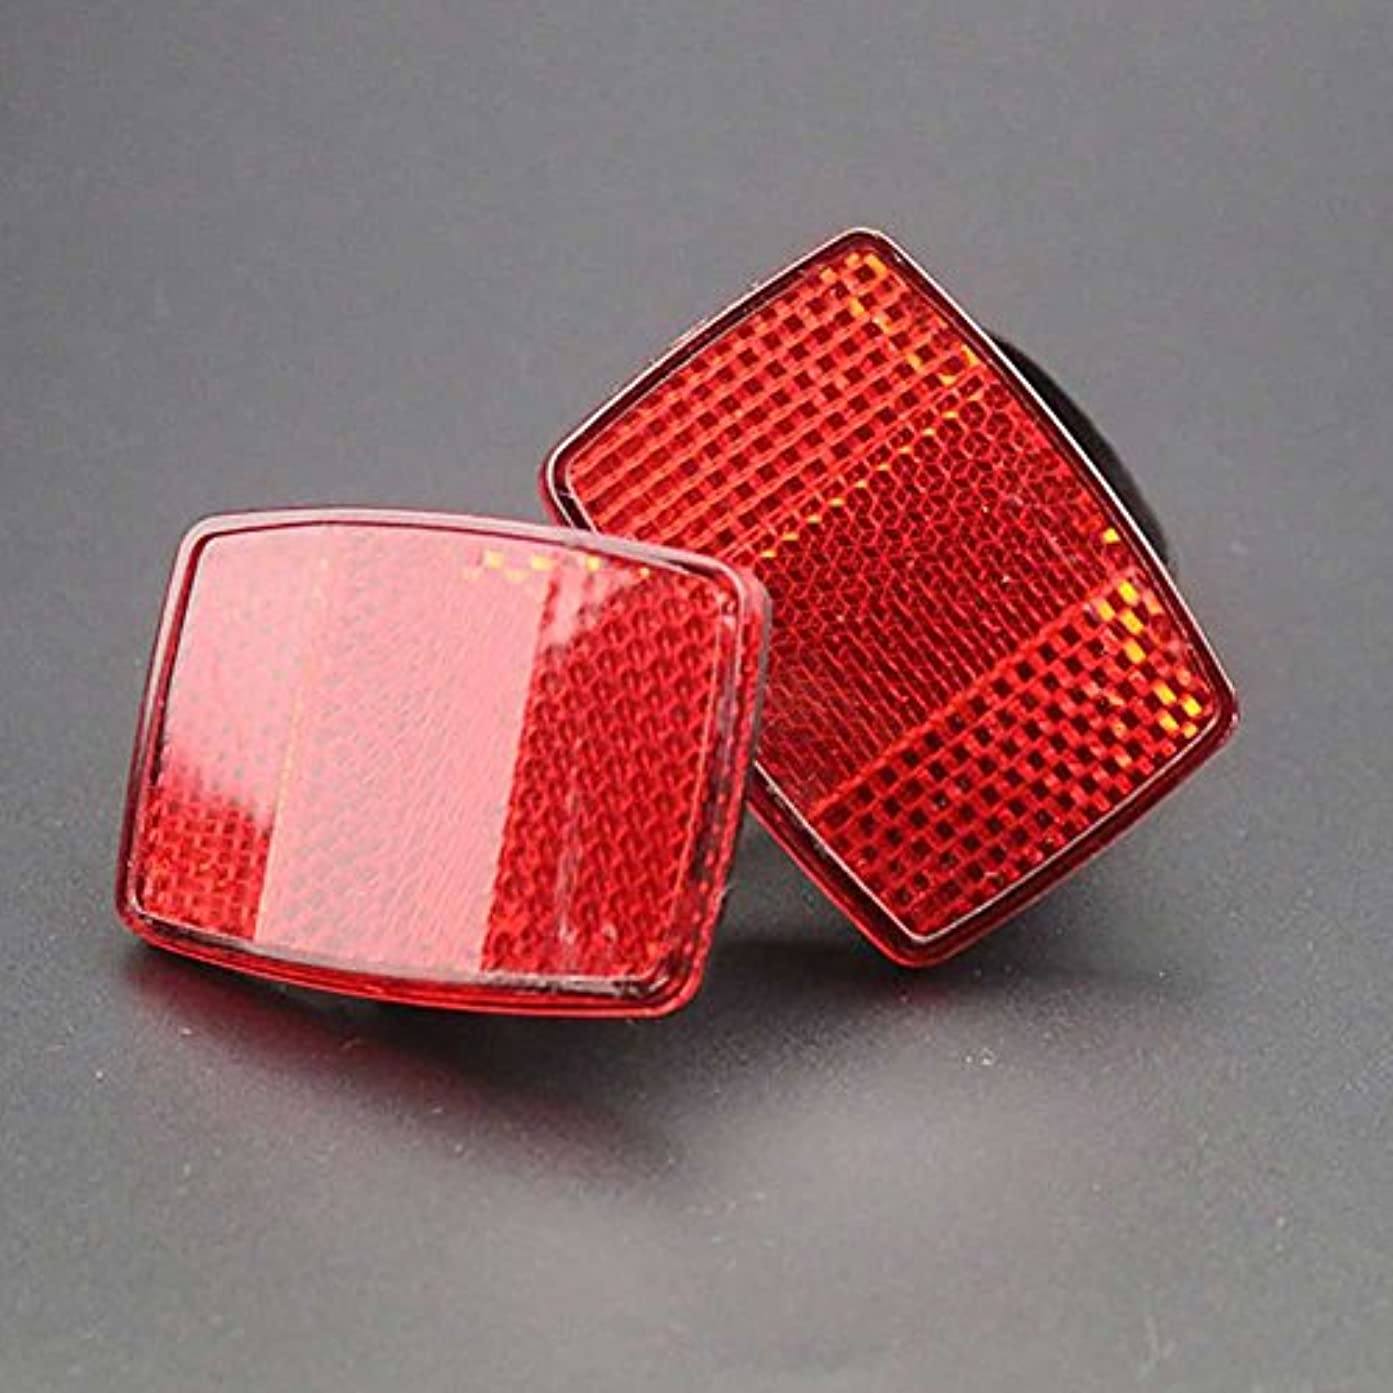 テキスト一瞬心臓Bicycle Bike Safety Caution Warning Reflector Disc For Rear Pannier Racks Frame